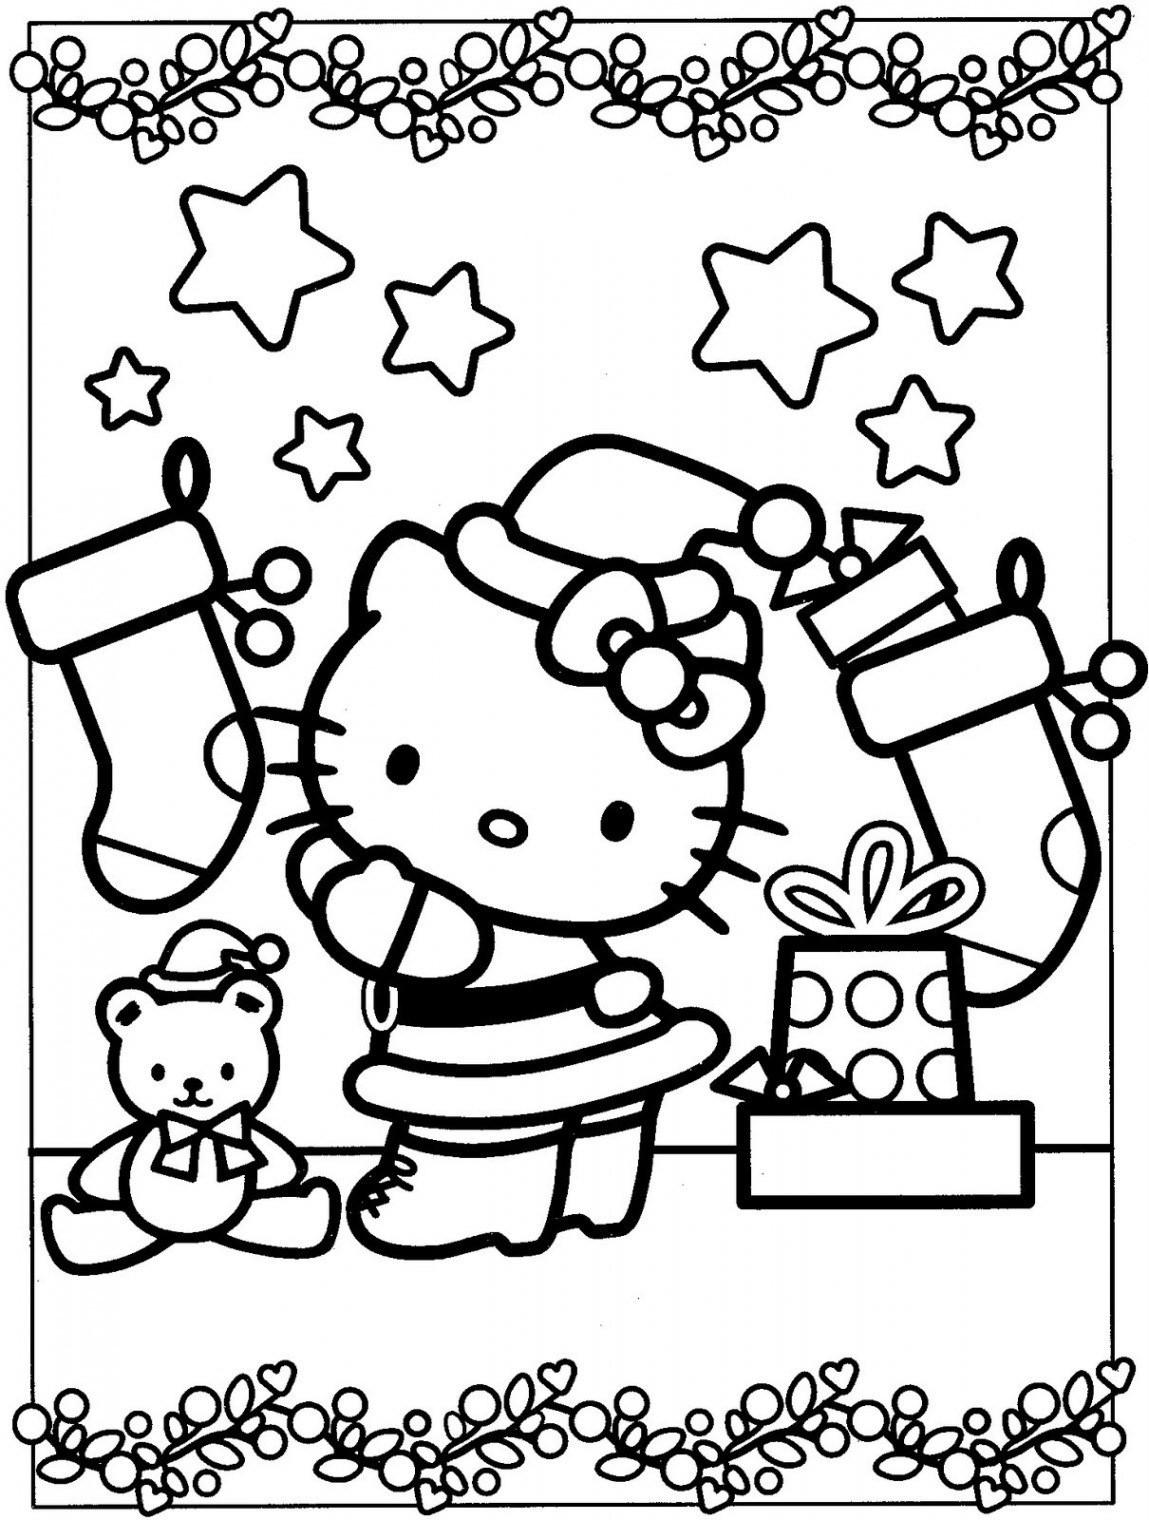 Malvorlagen Hello Kitty Einzigartig Ausmalbilder Hello Kitty Weihnachten Best Ausmalbild Elfe Galerie